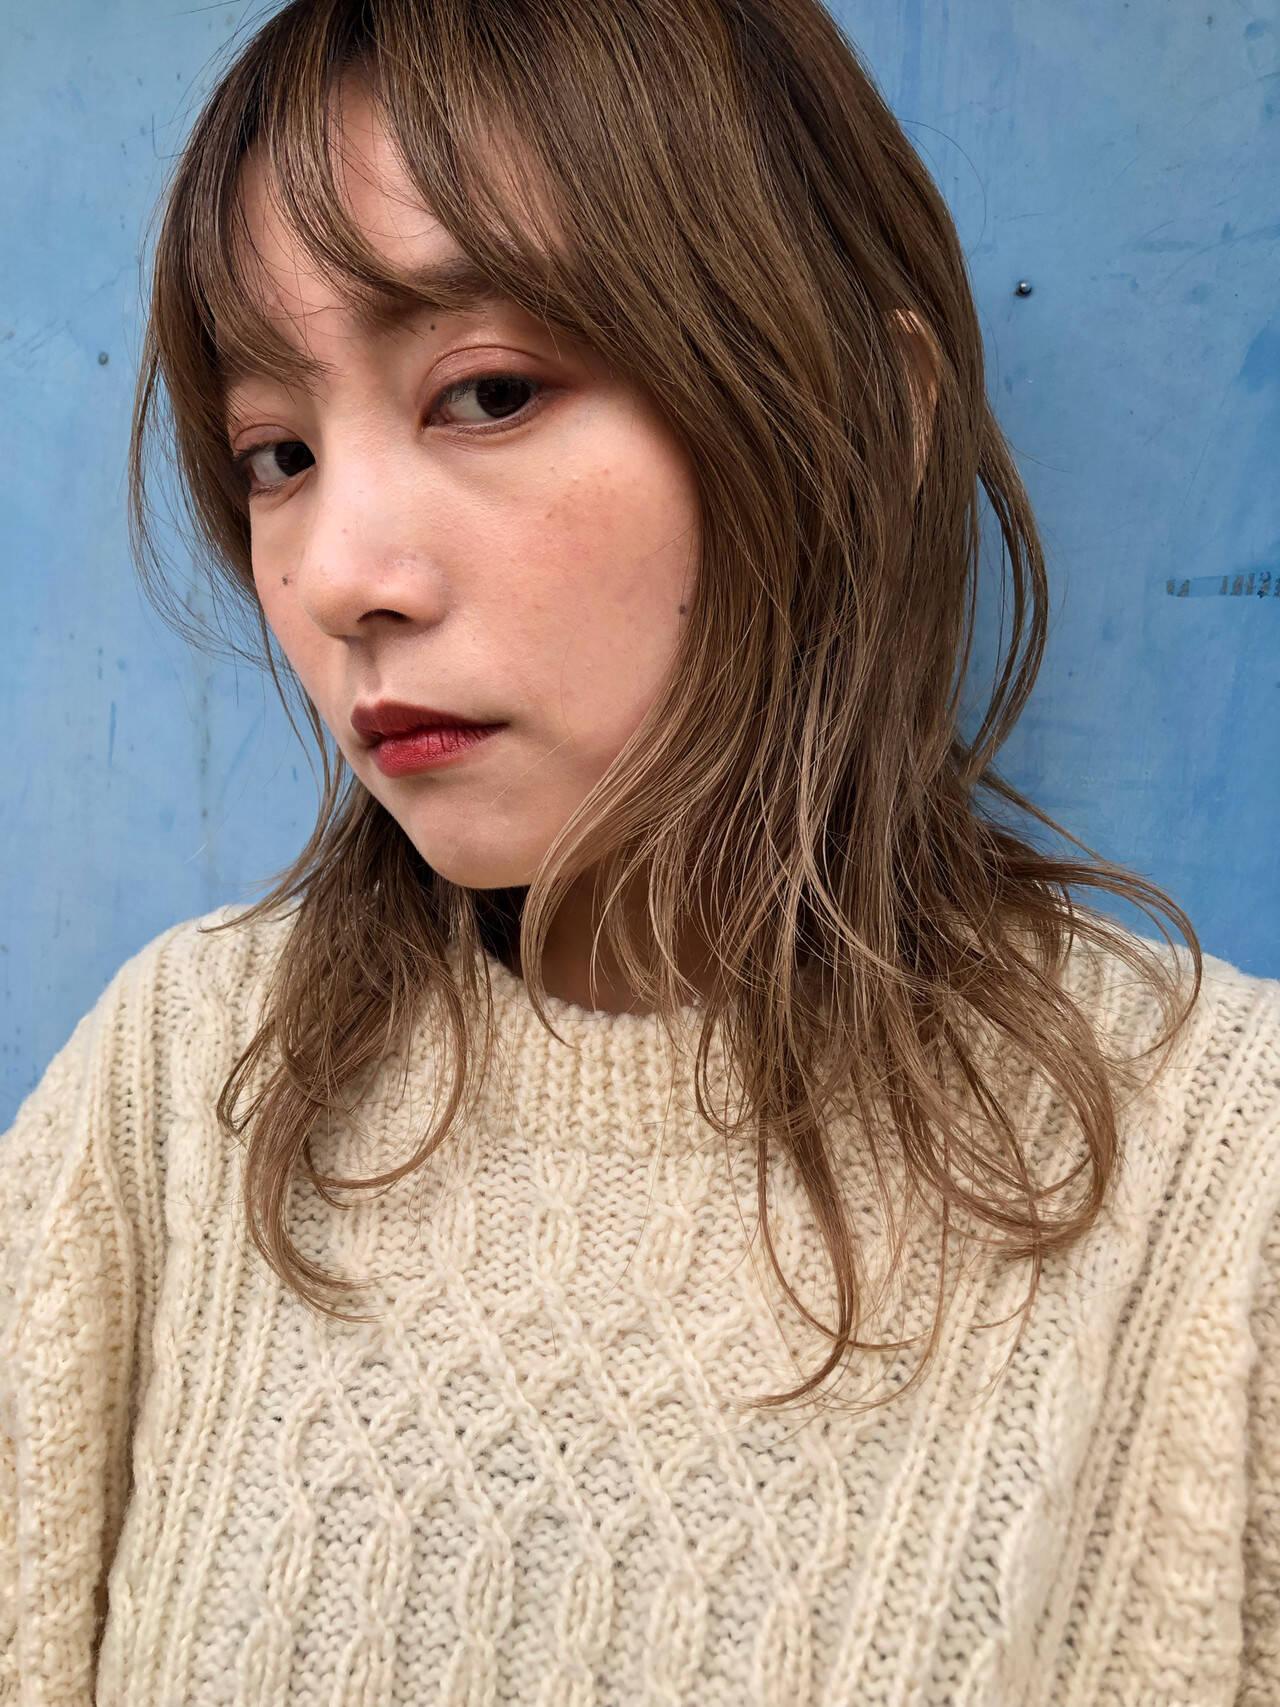 ミディアム モード ウルフ ウルフカットヘアスタイルや髪型の写真・画像